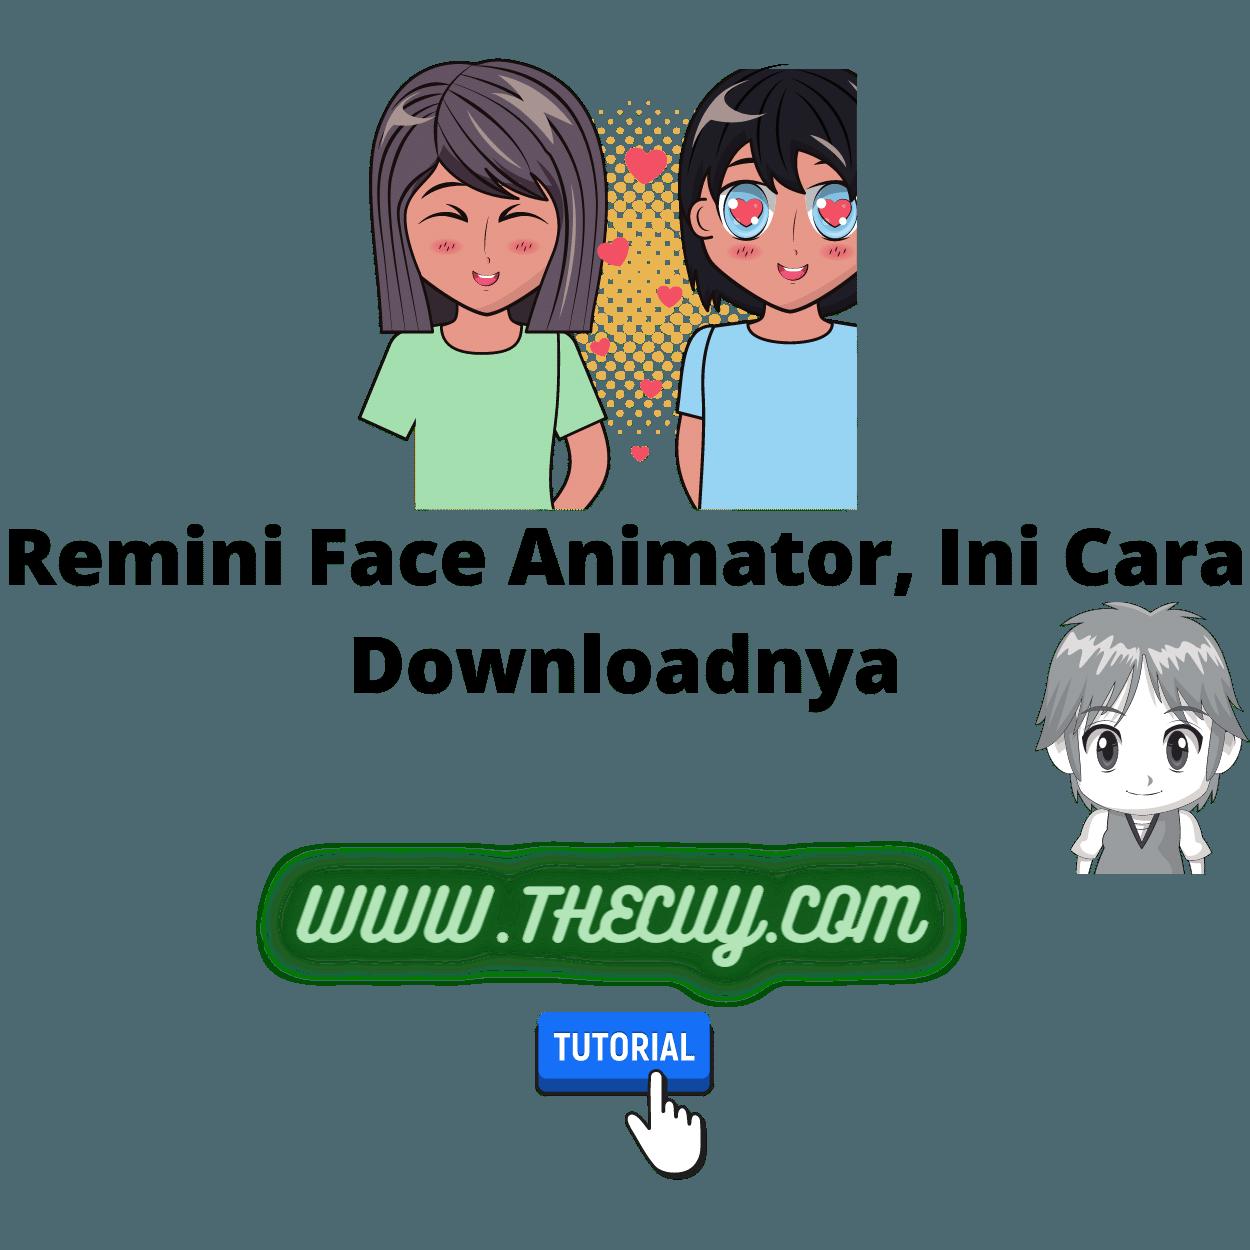 Remini Face Animator, Ini Cara Downloadnya